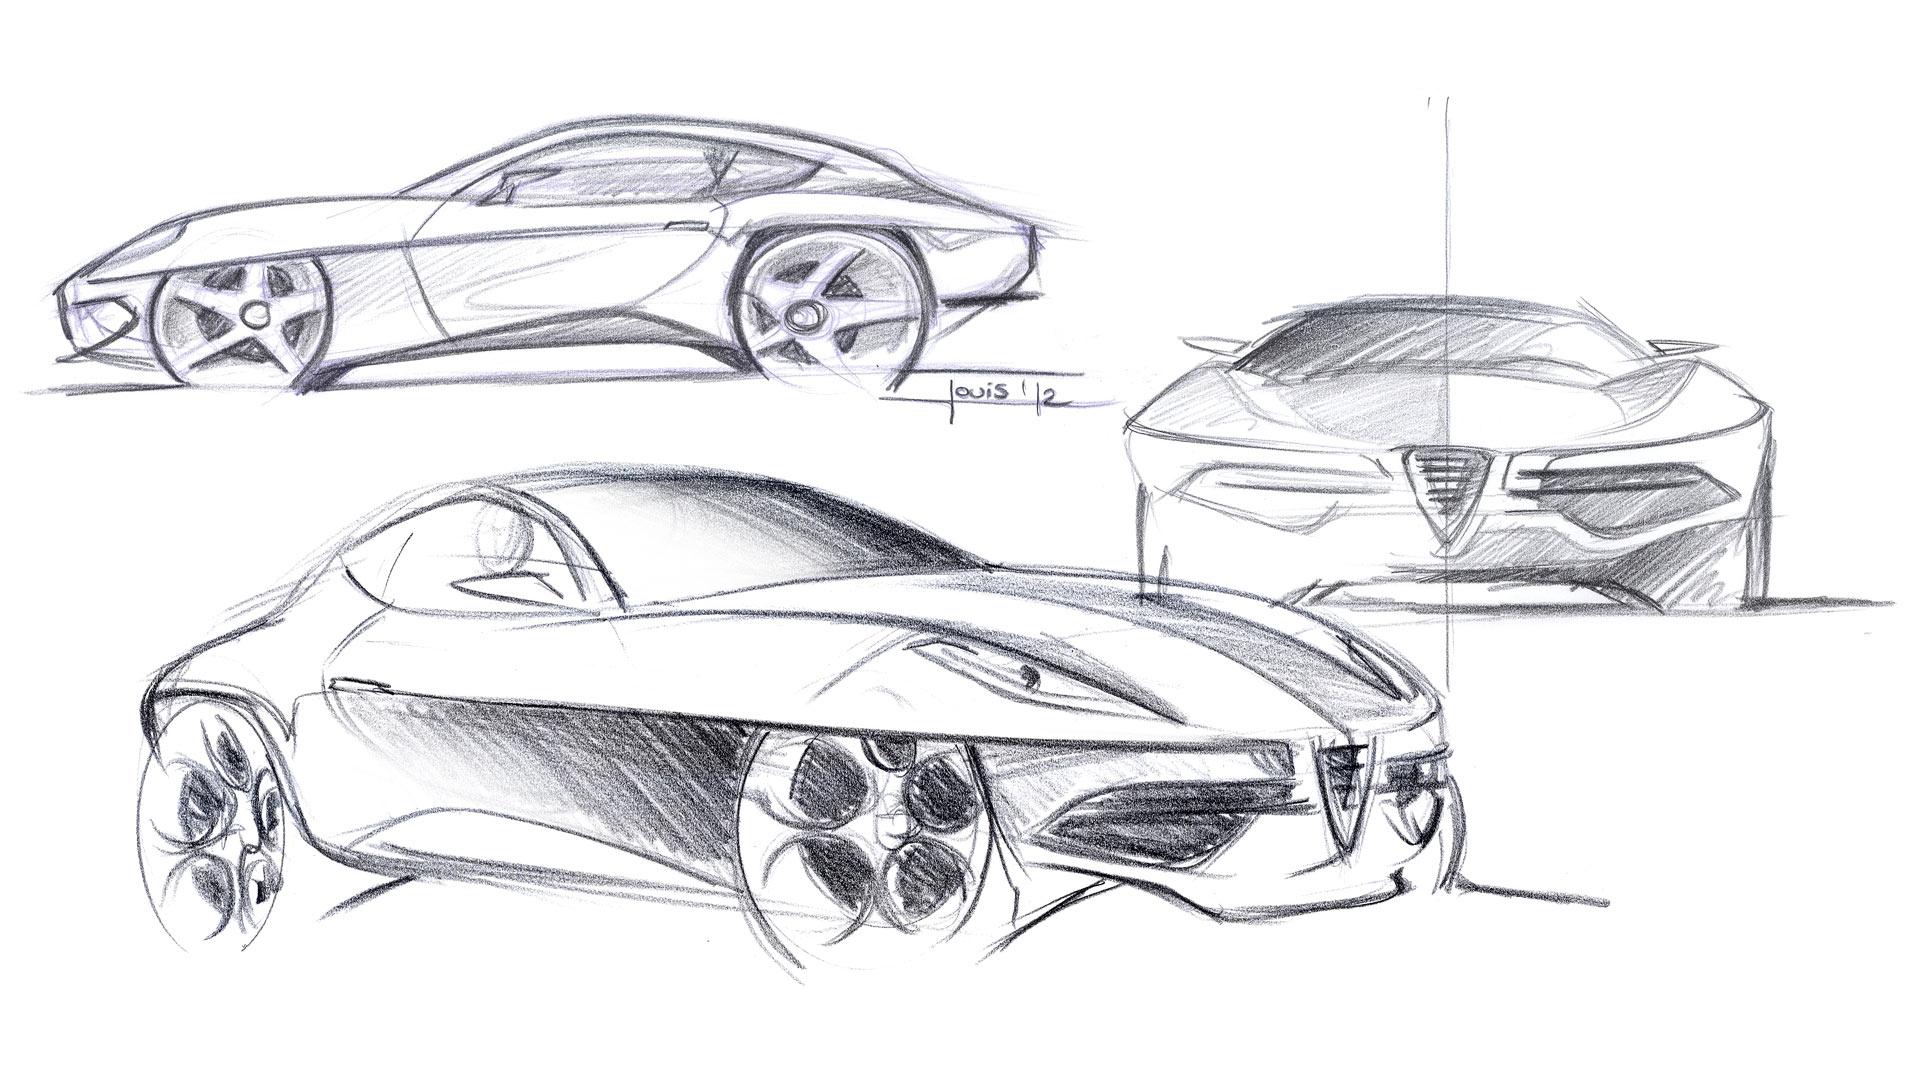 Touring Superleggera Disco Volante Concept Design Sketches